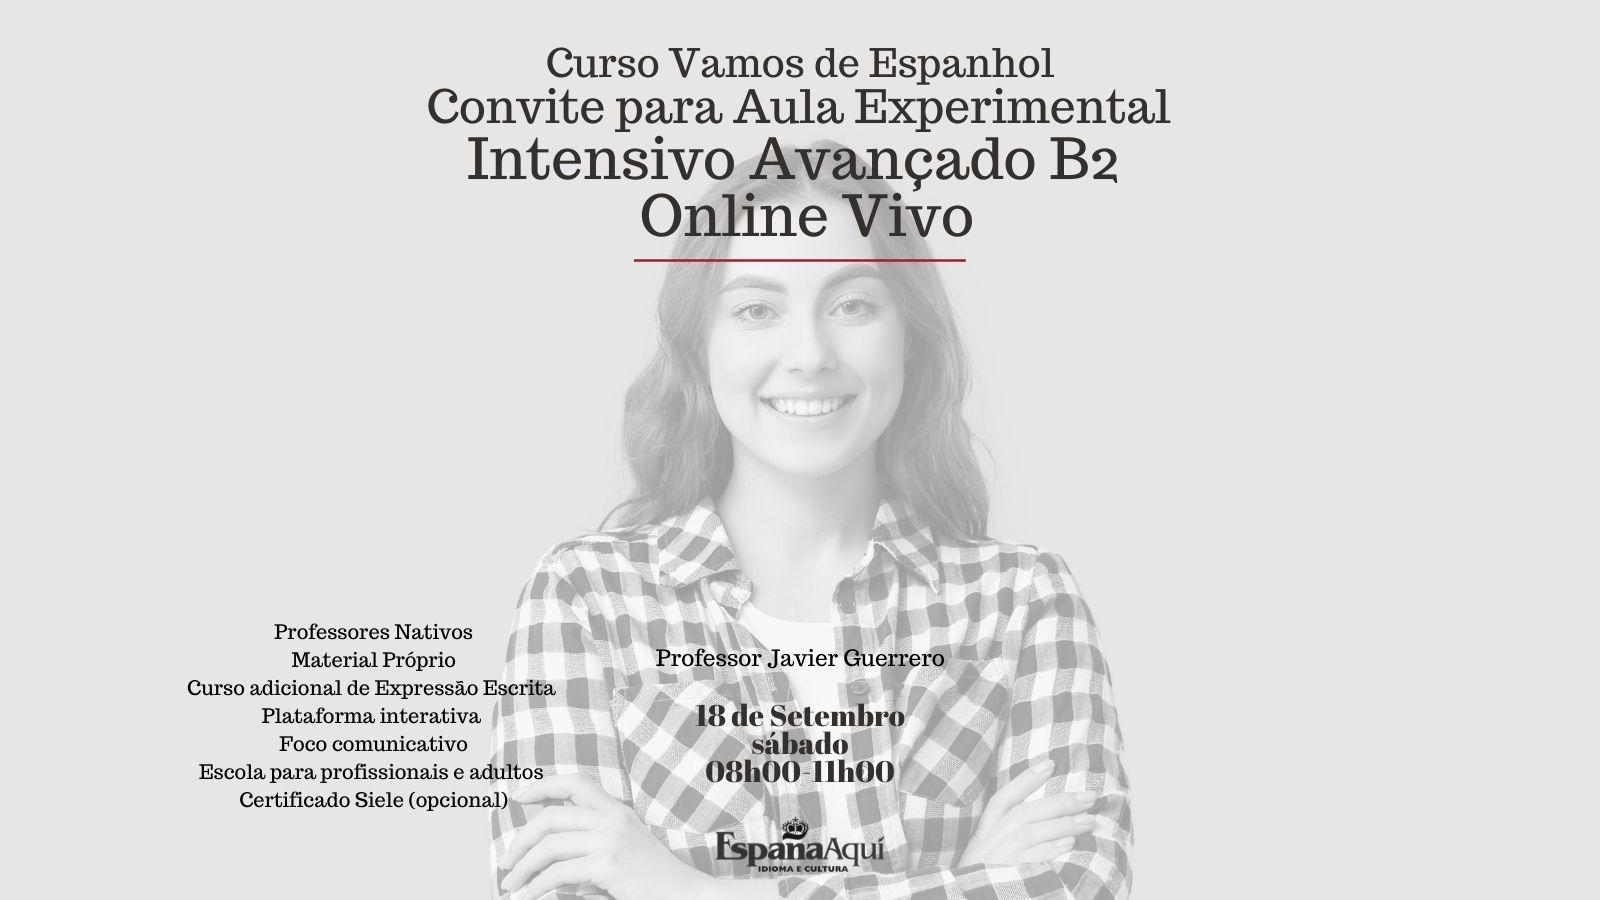 https://www.espanaaqui.com.br/pdf/setembro%202021/Intensivo%2018%20de%20Setembro.%20Avan%c3%a7ado%20B2.jpg